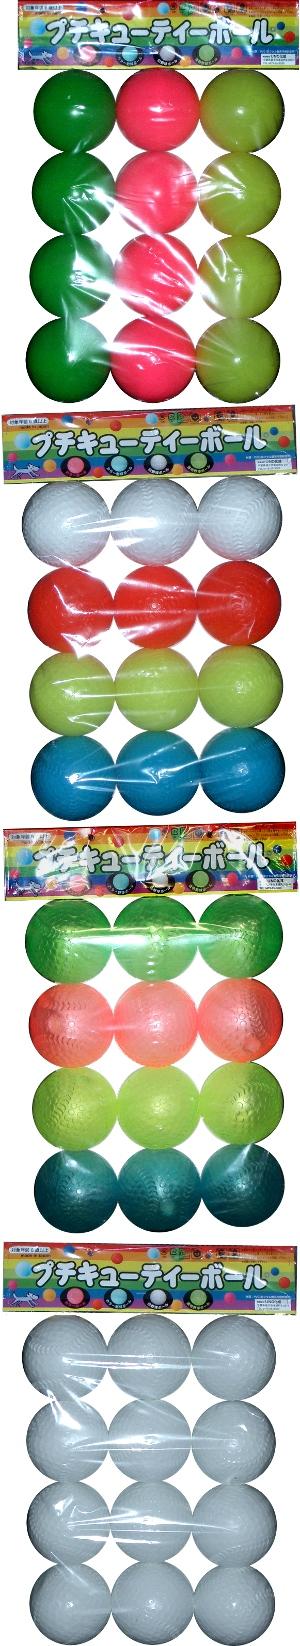 カラーボール(12入り)